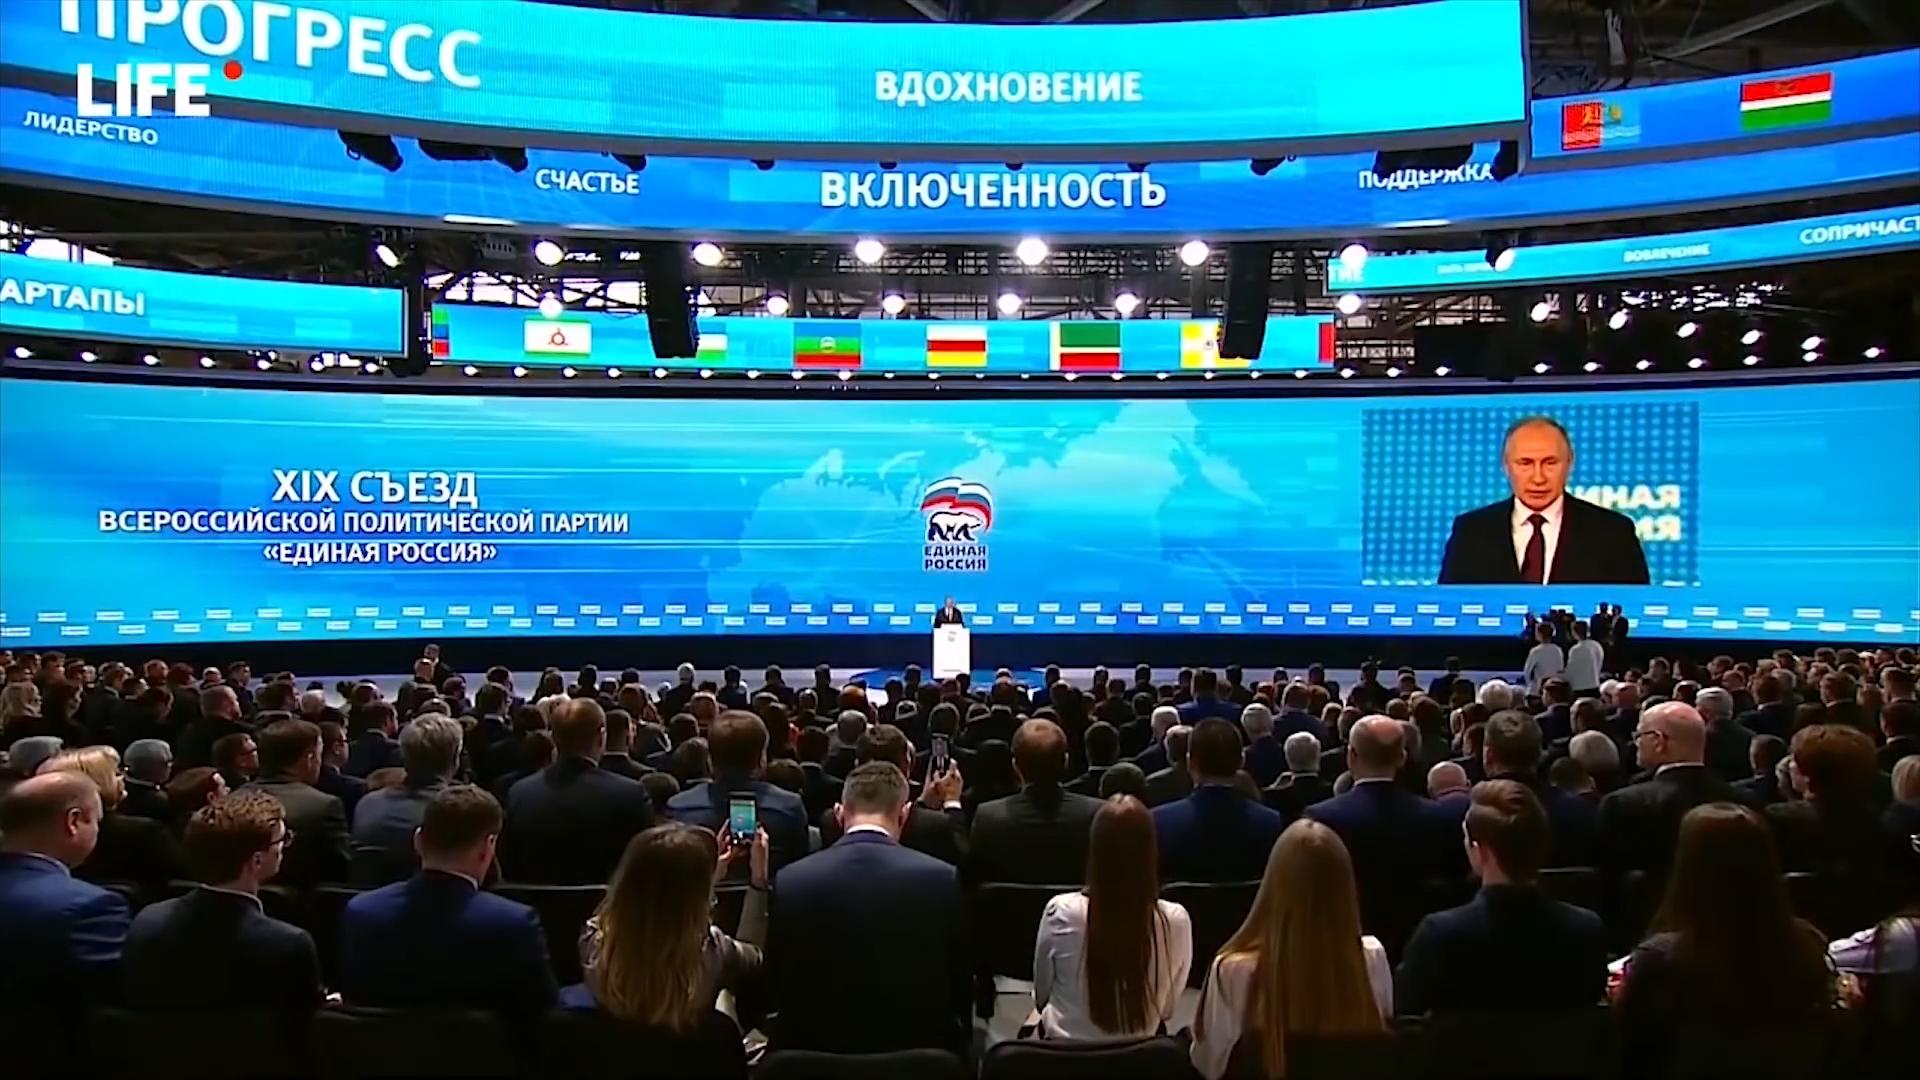 13-Популисты, патриоты и предатели. Все о съезде «Единой России»